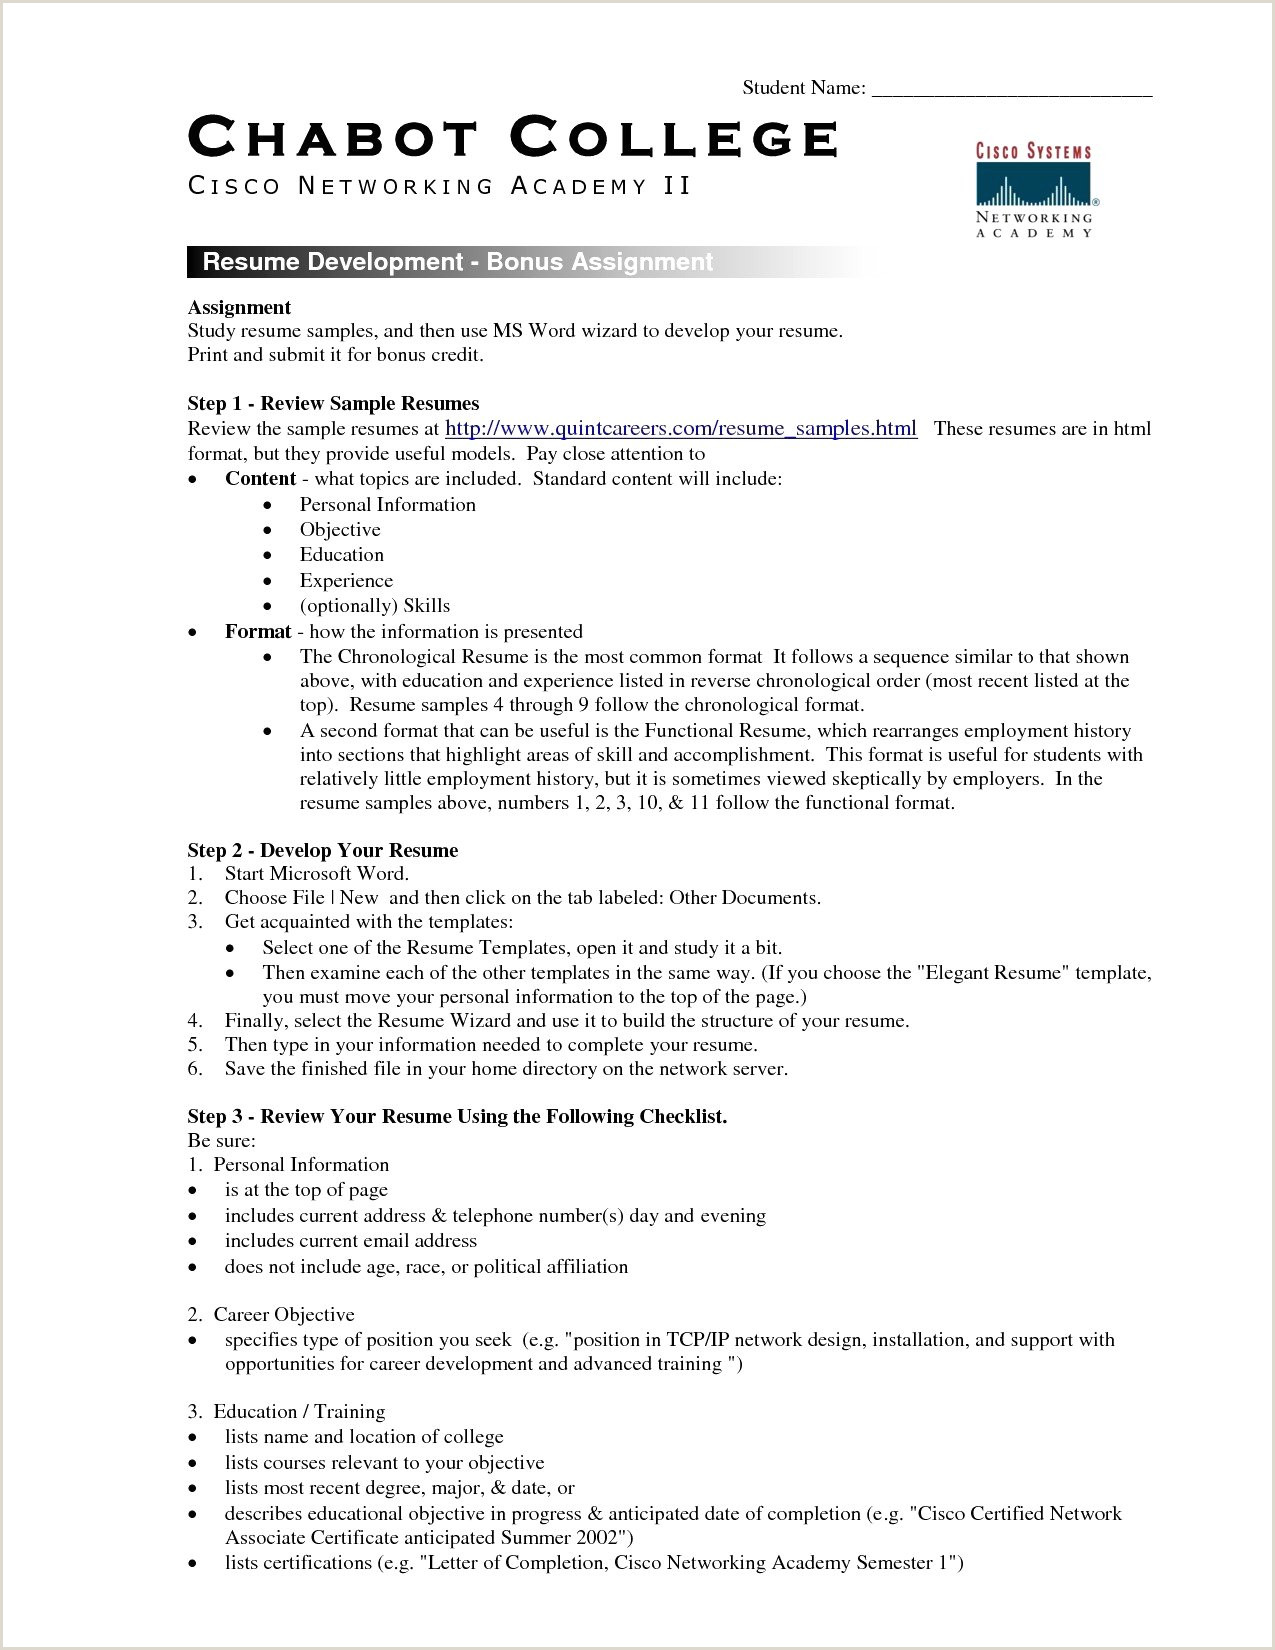 Formato De Curriculum Vitae Para Rellenar Pdf formato De Cotizacion Para Llenar Best Modelo Para Llenar